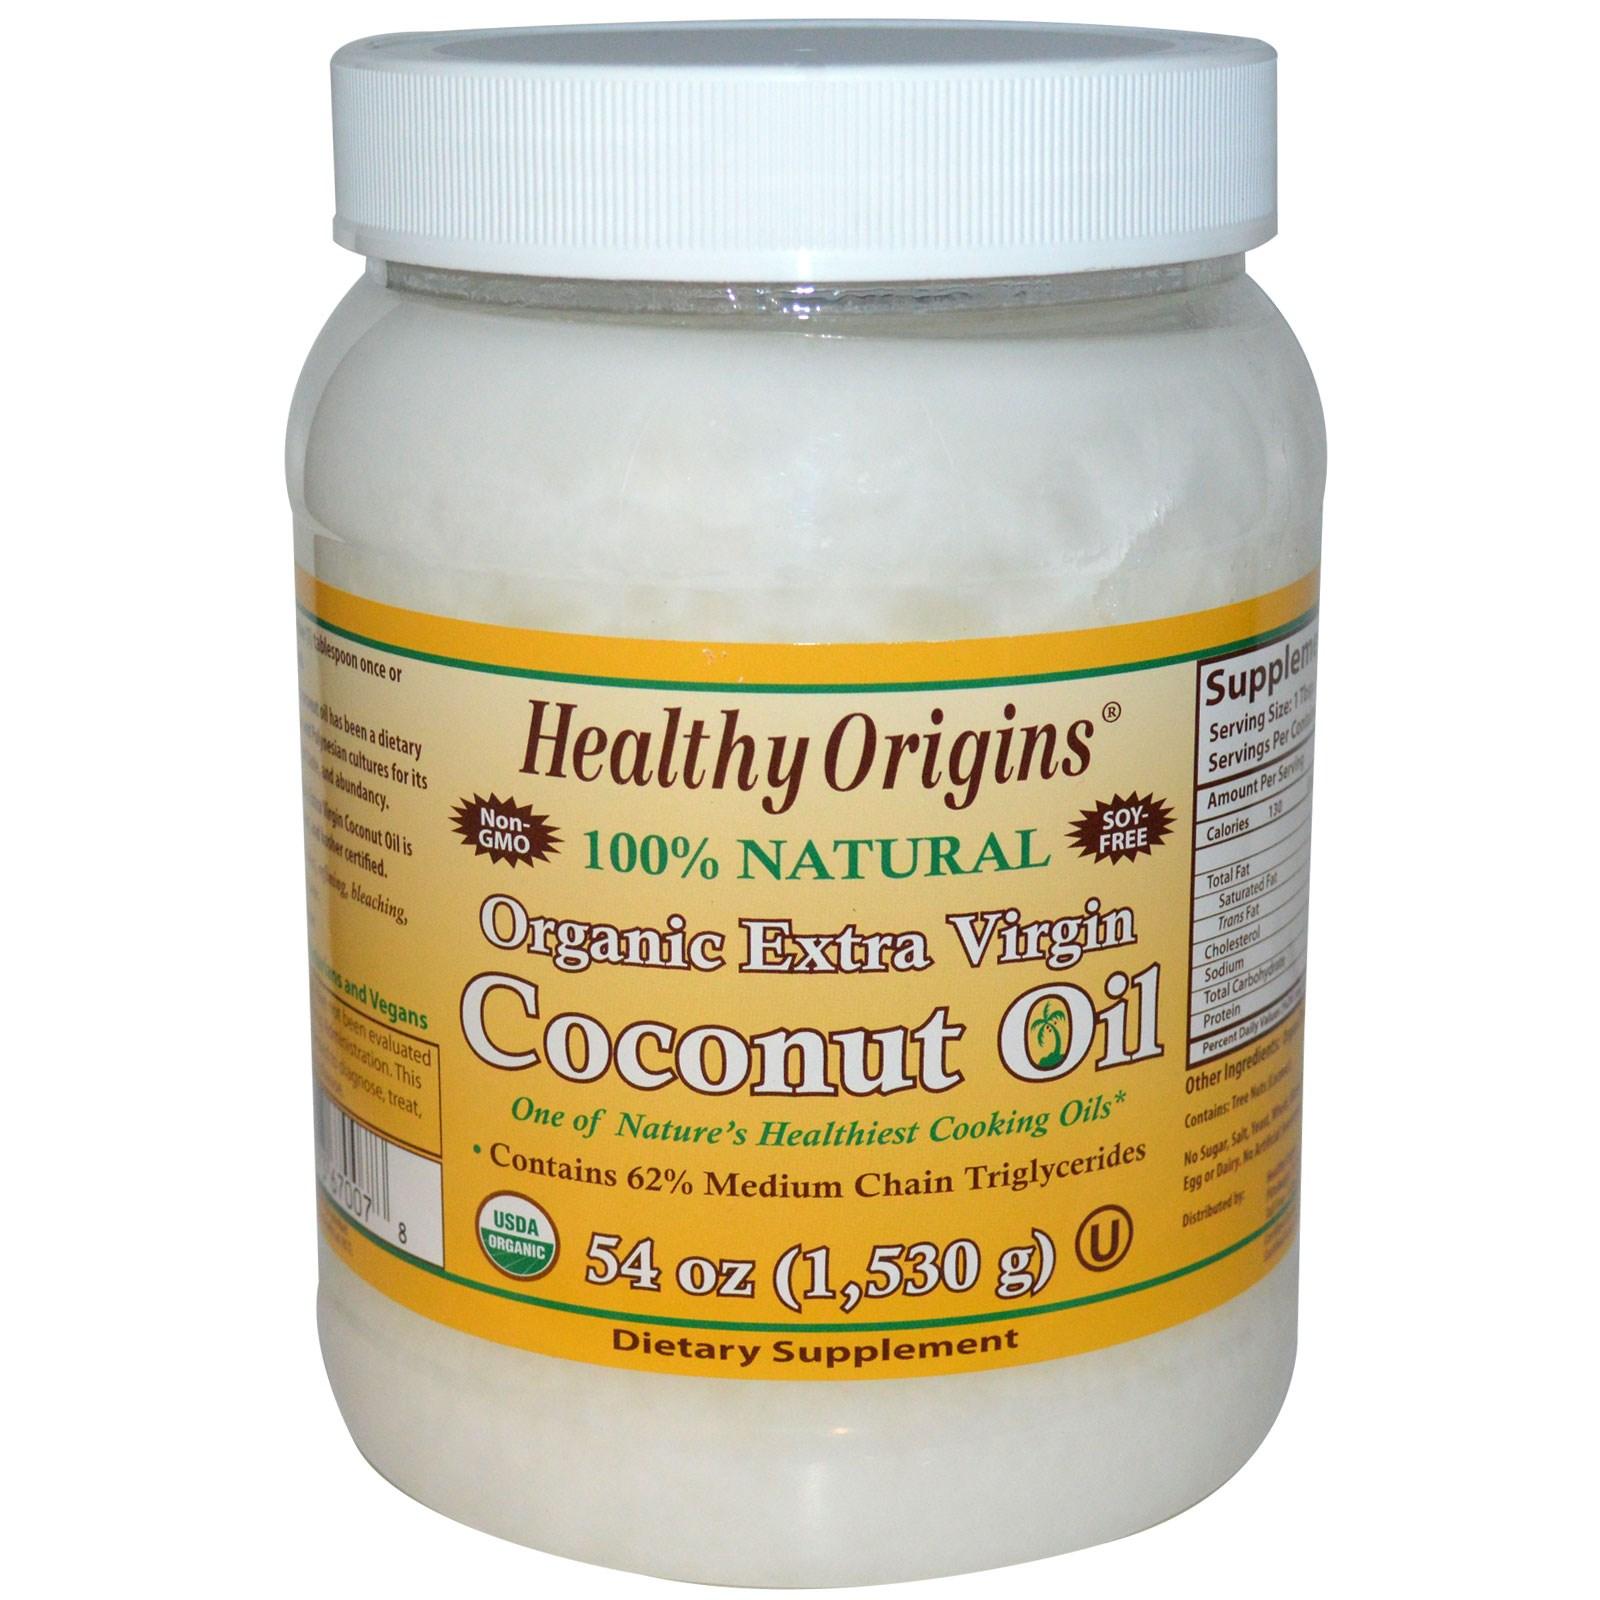 Органическое кокосовое масло первого отжима Healthy Origins (1,503 г).